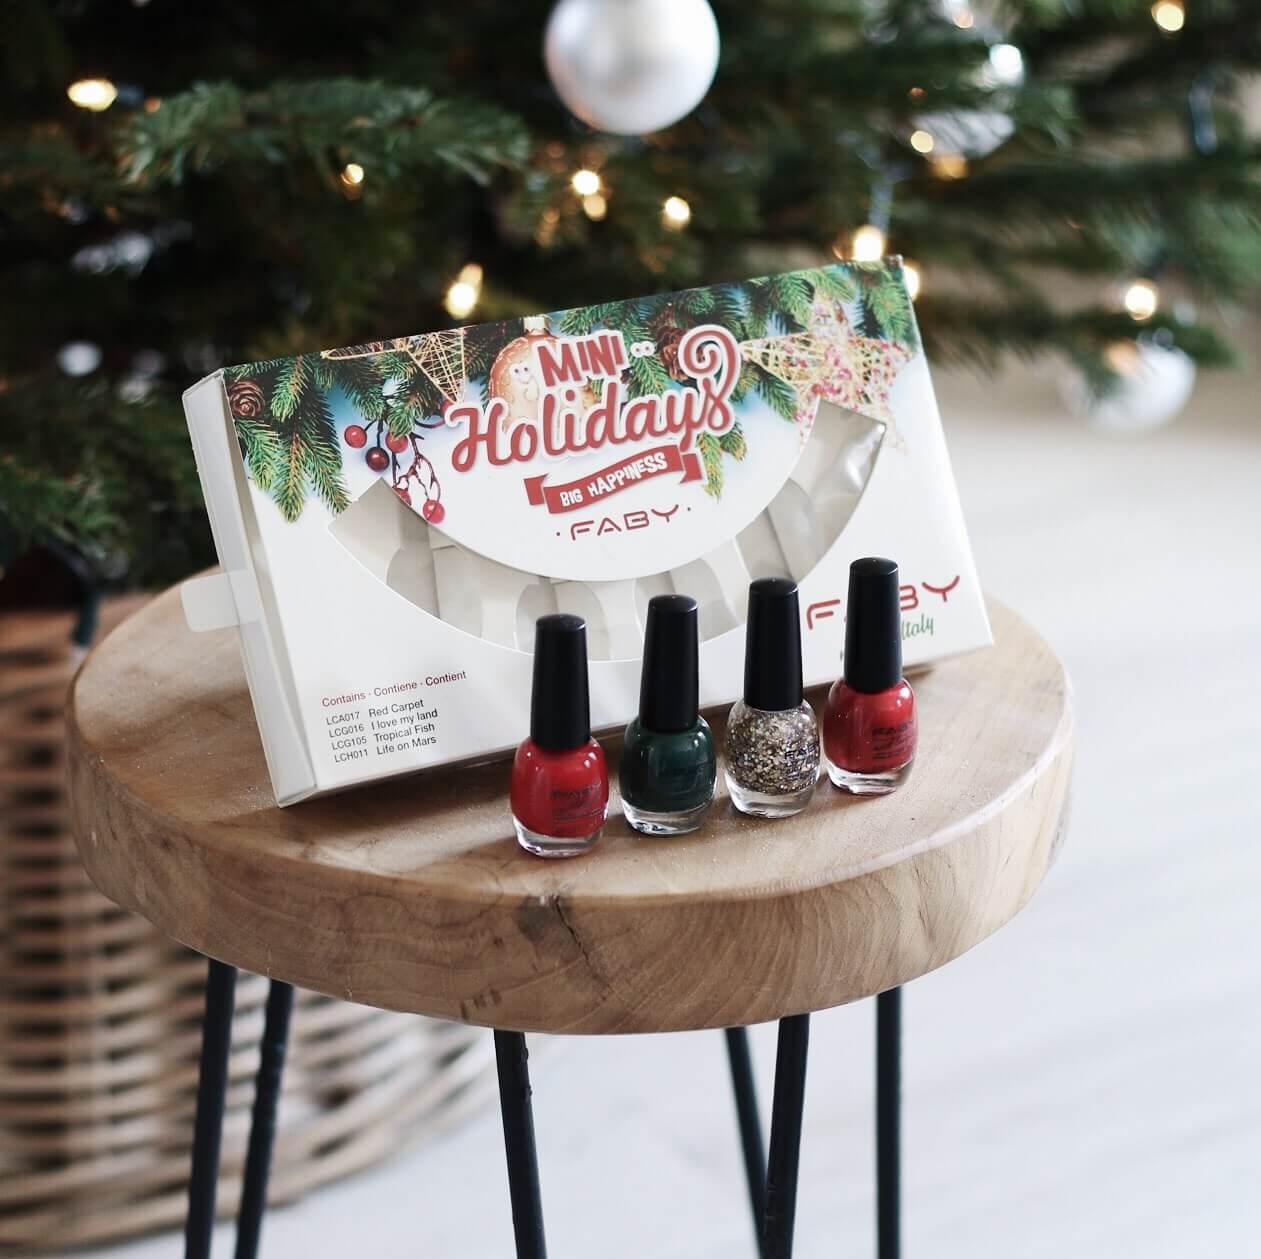 (GESLOTEN) Kerst winactie #2 – FABY mini holidays nagellak